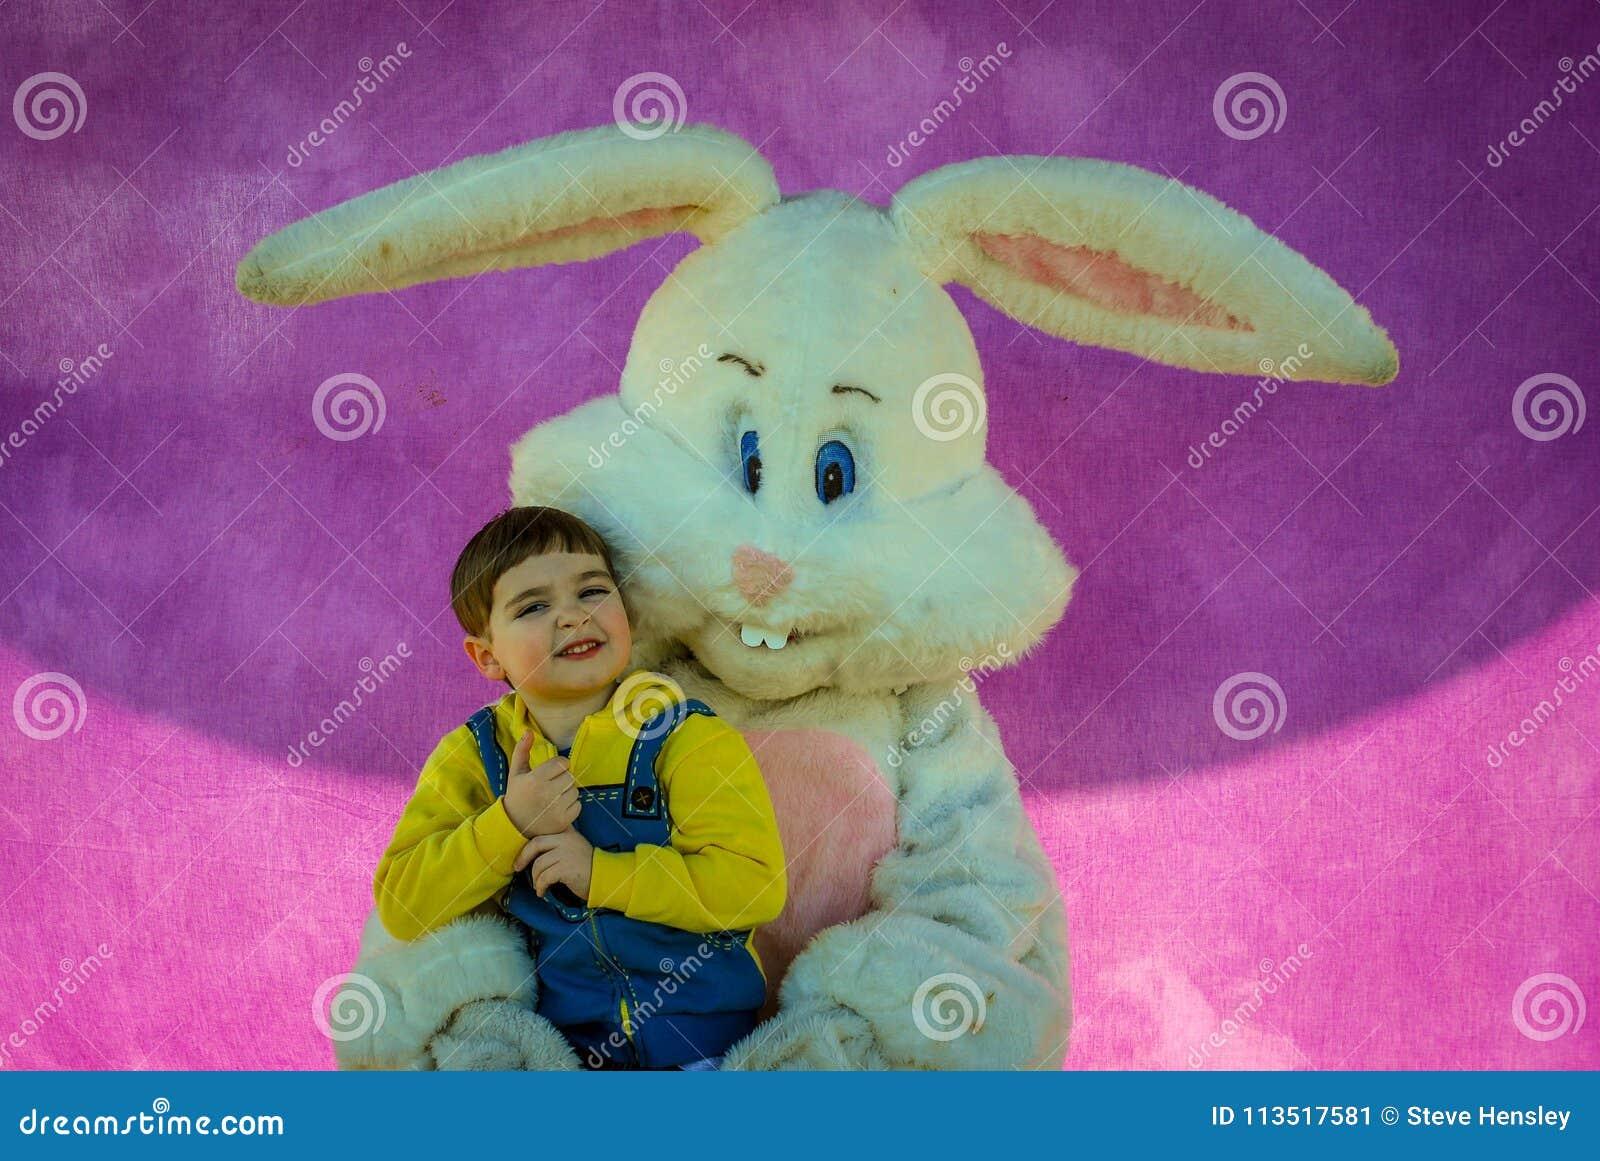 Richmond, KY LOS E.E.U.U. - marzo, 31 2018 - Pascua Eggstravaganza - un muchacho presenta con un carácter del conejito de pascua